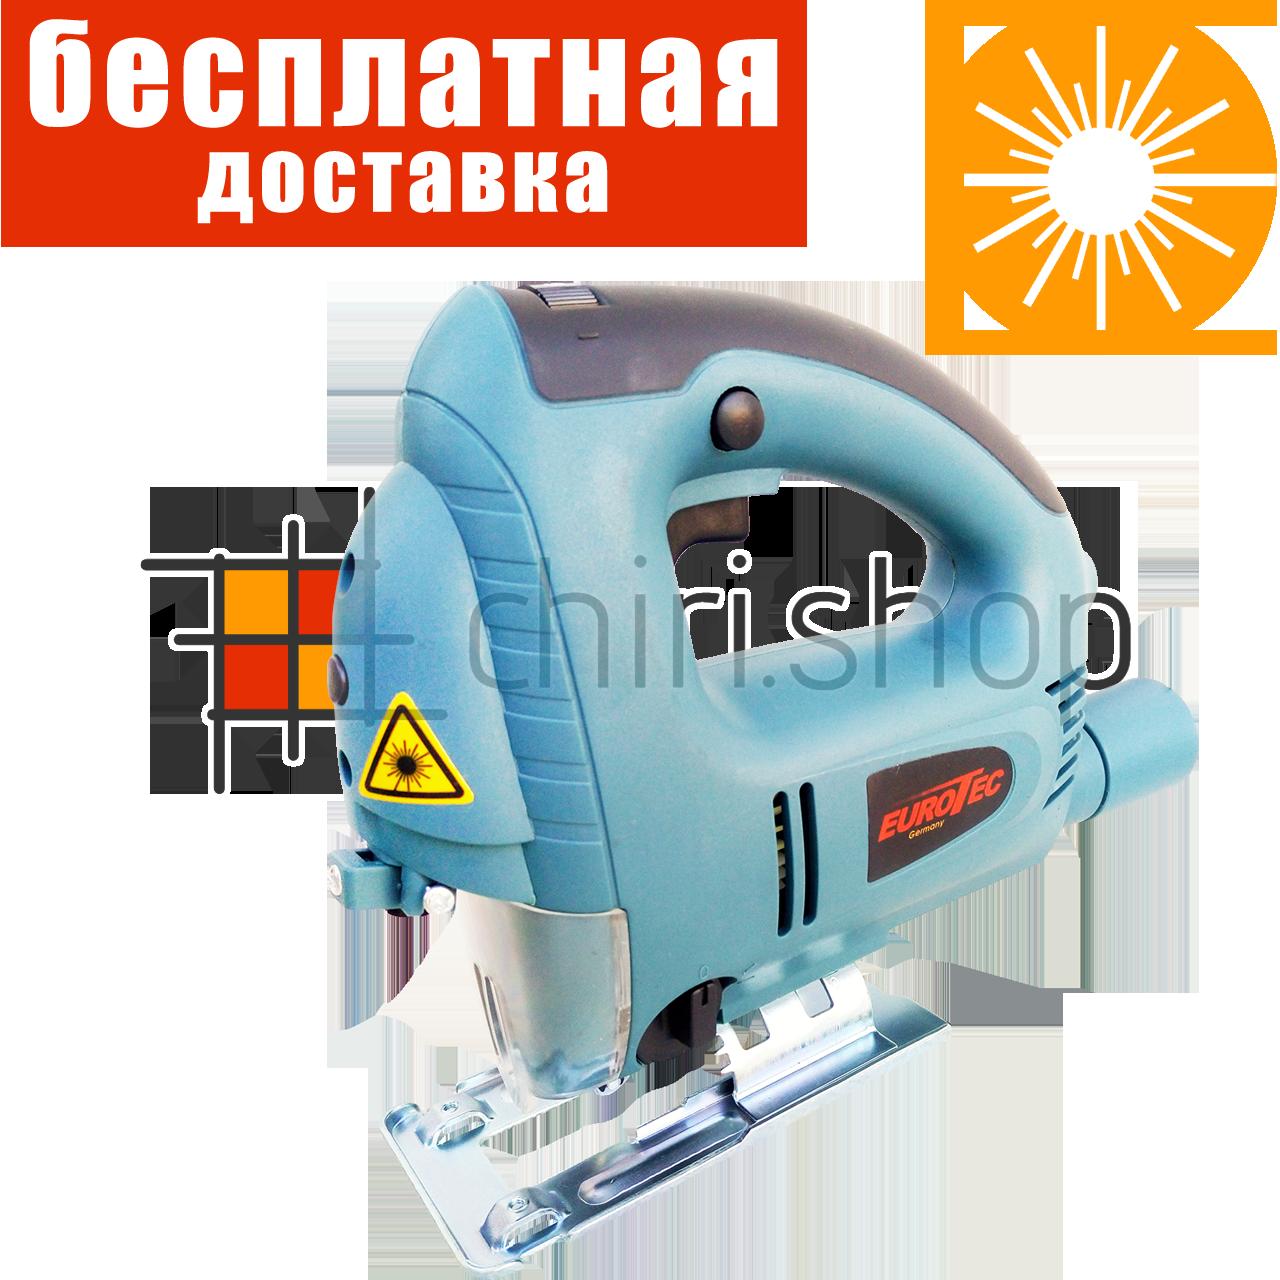 Электролобзик с лазером 80 мм регуляция Eurotec JS 234